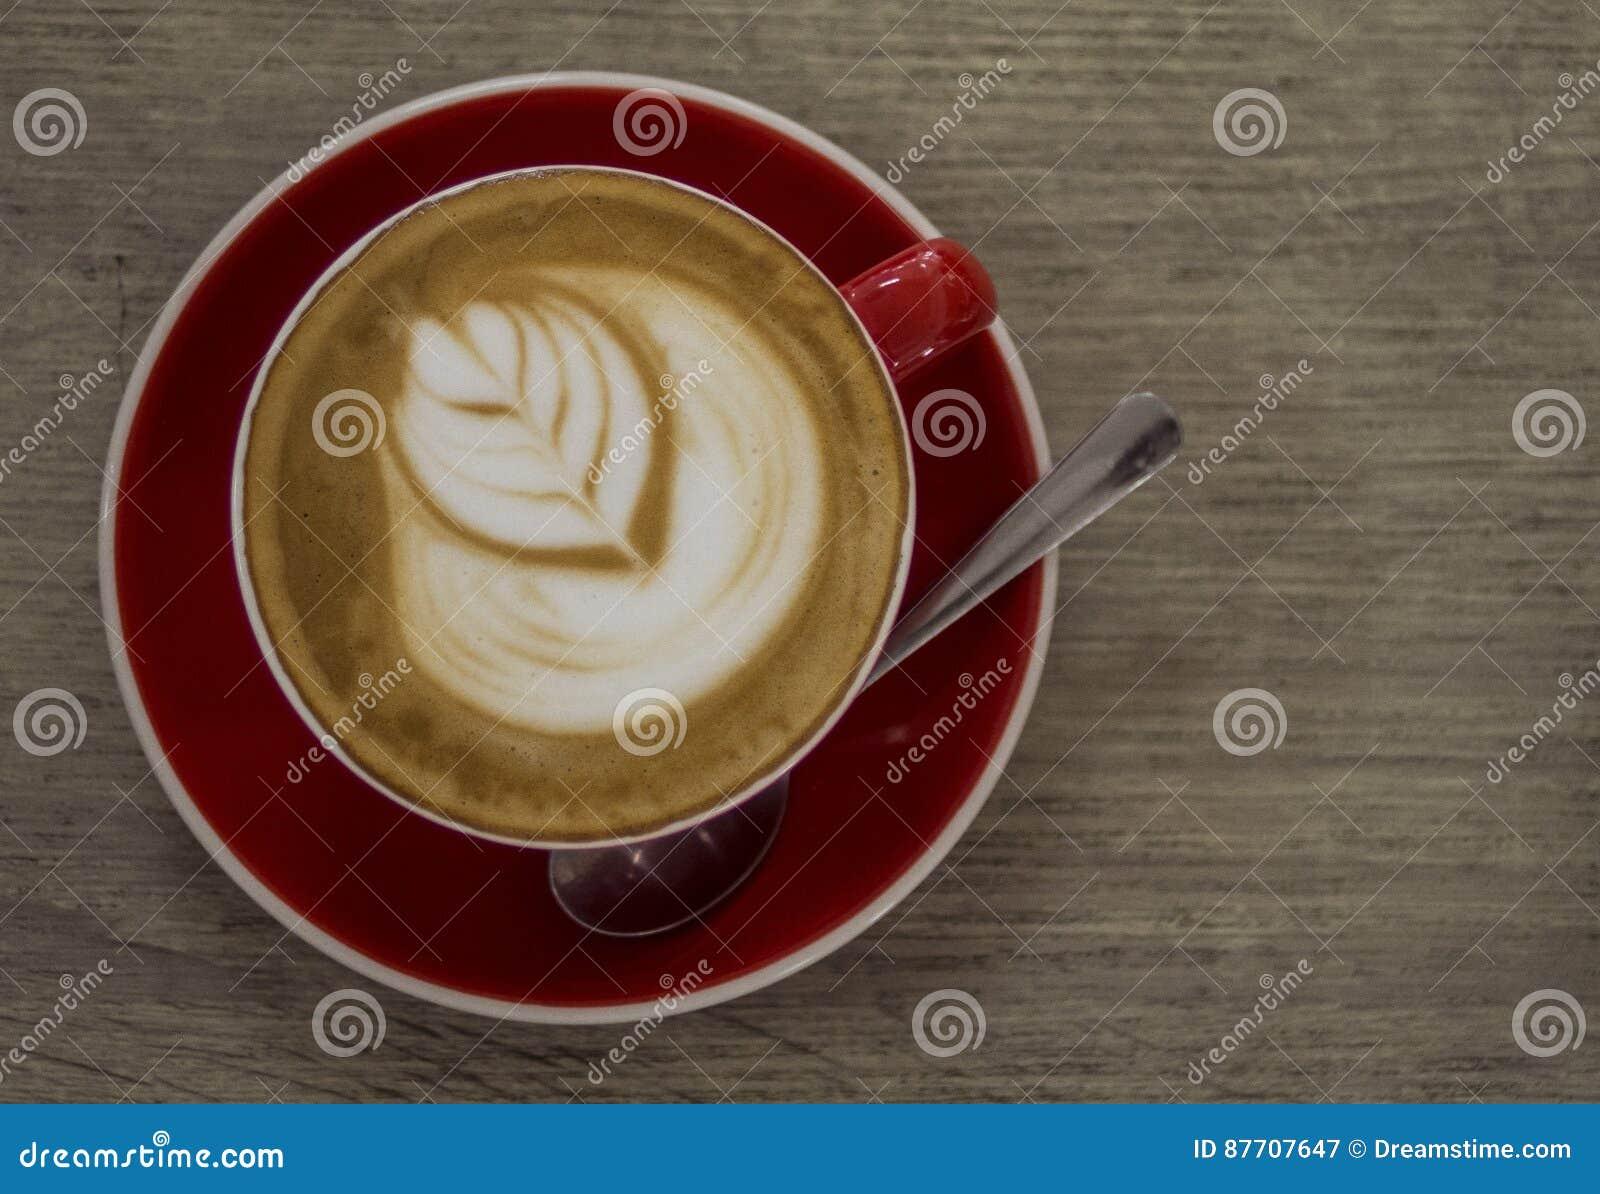 Art artistique de latte dans une tasse rouge